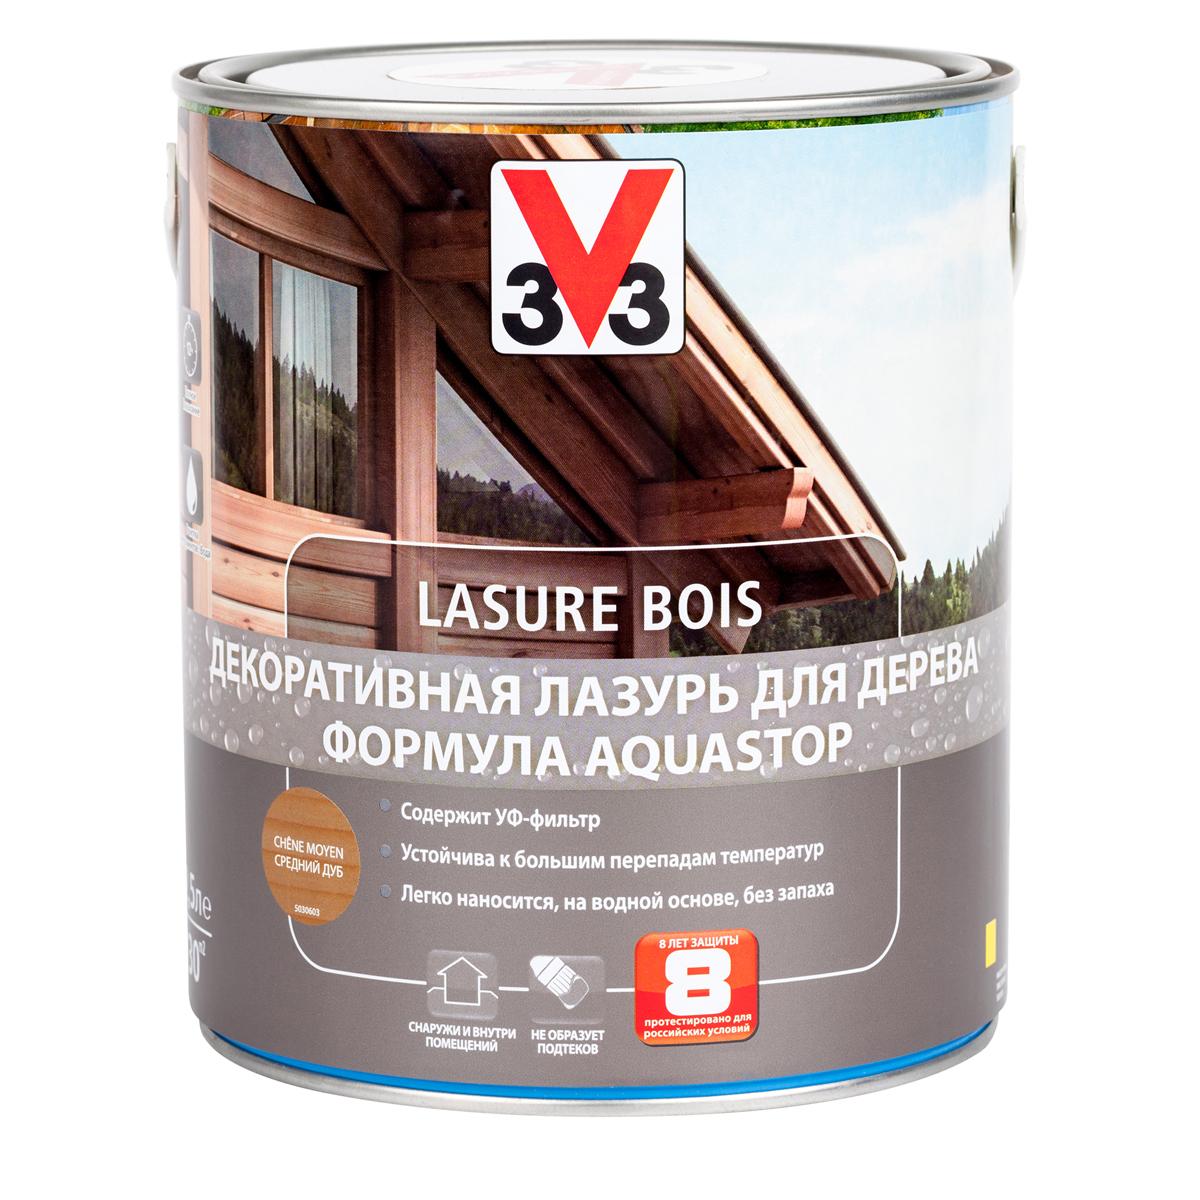 """Лазурь для дерева декоративная V33 """"Aquastop"""", цвет: дуб средний, на водной основе, 2,5 л 107837"""